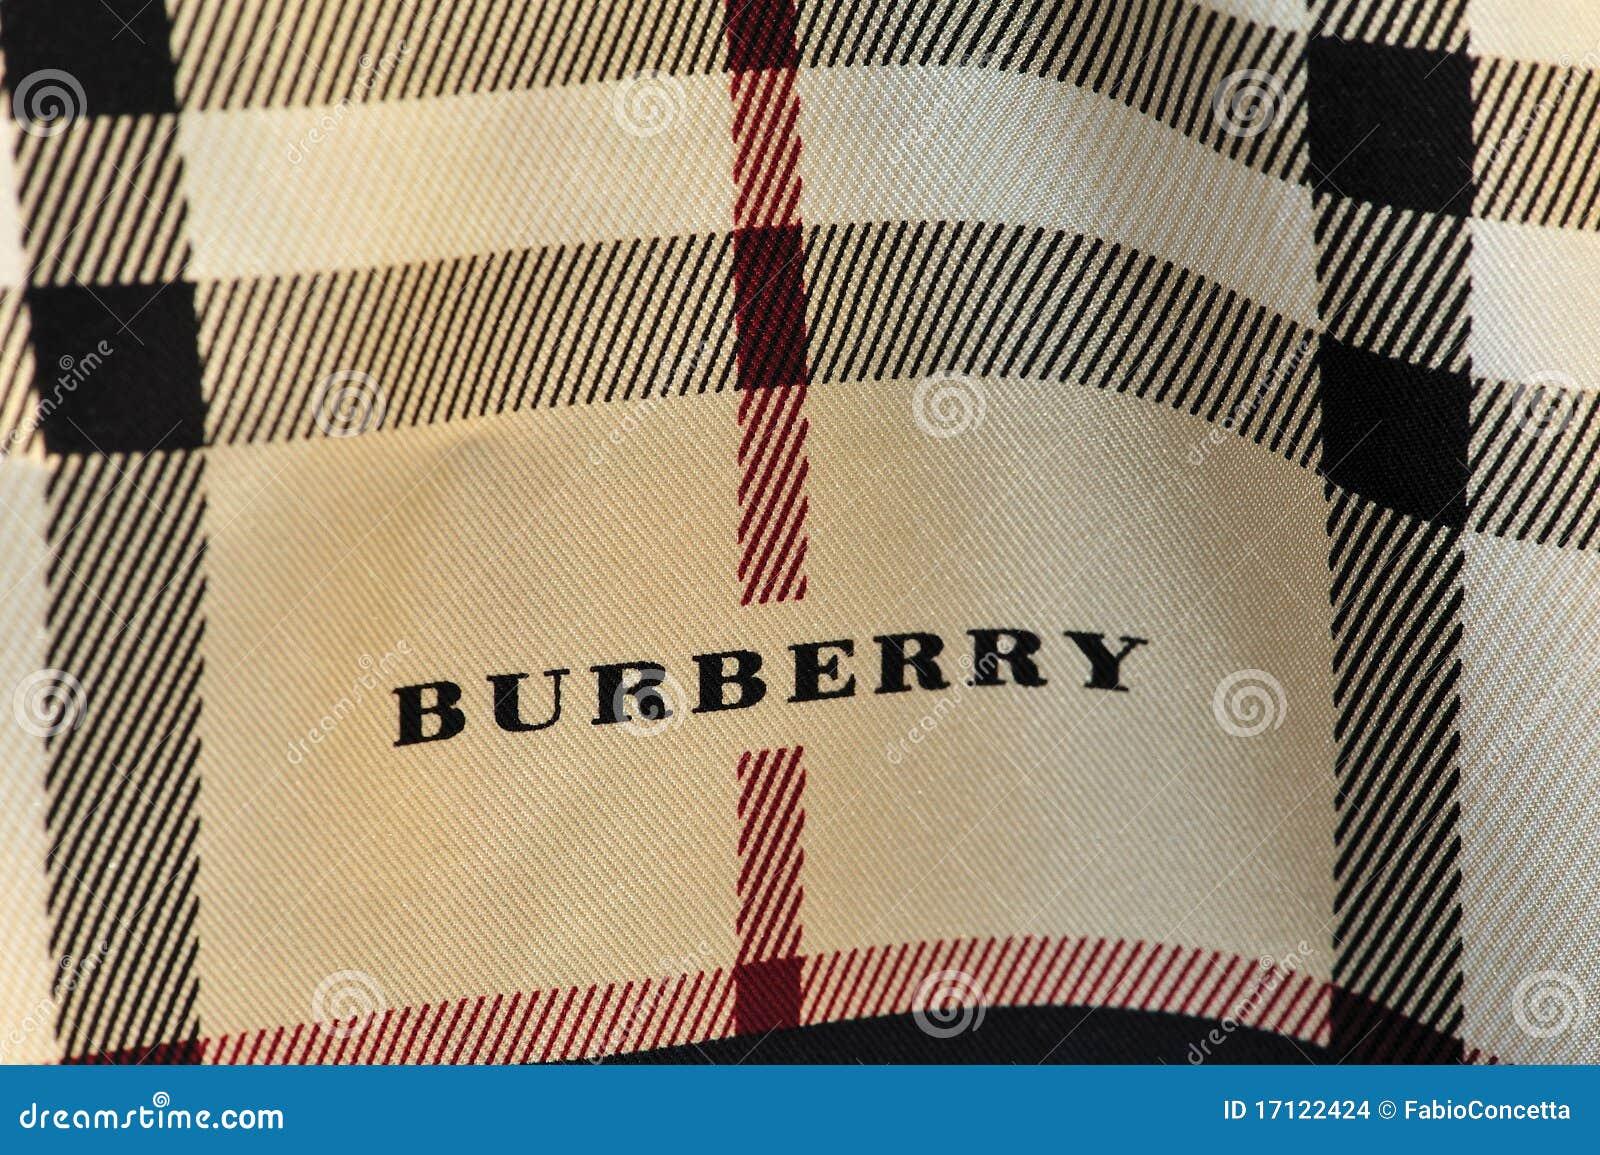 Sciarpa Di Burberry Immagine Stock Editoriale Immagine